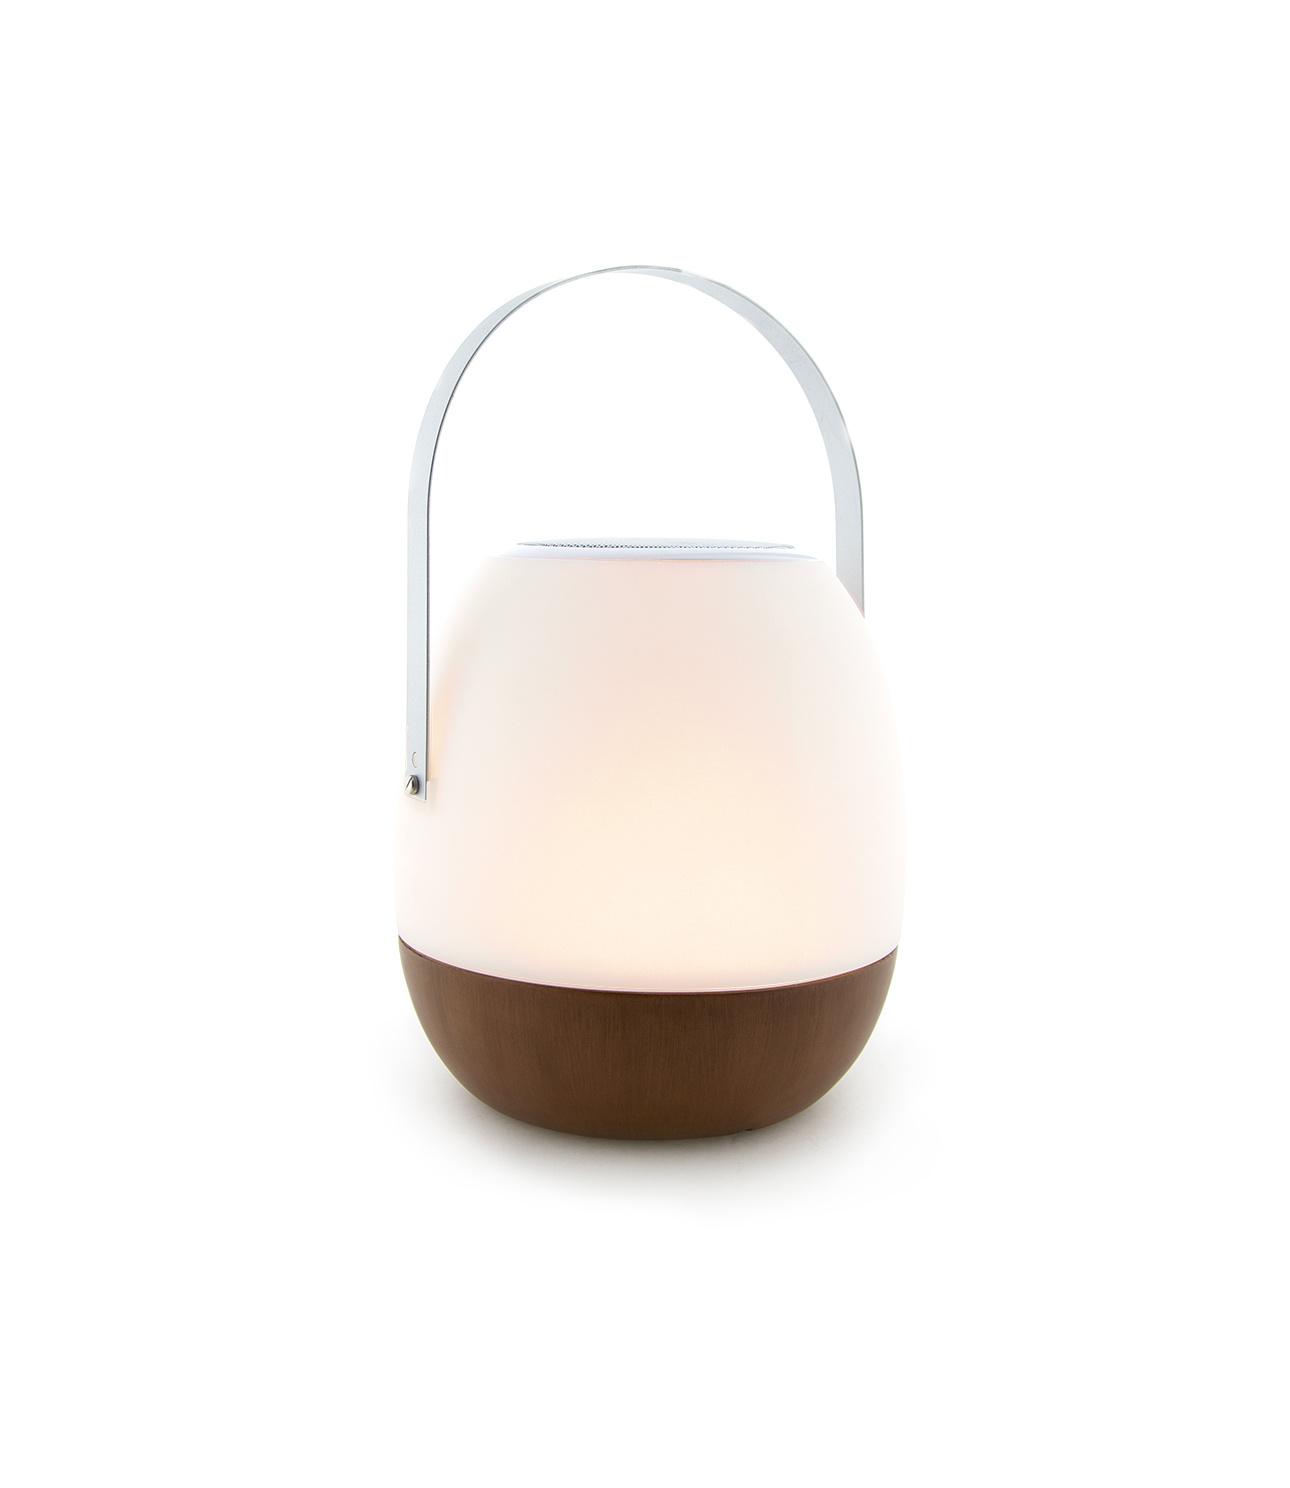 Tischlampe im Freien Pine + Lautsprecher Walnuss-7